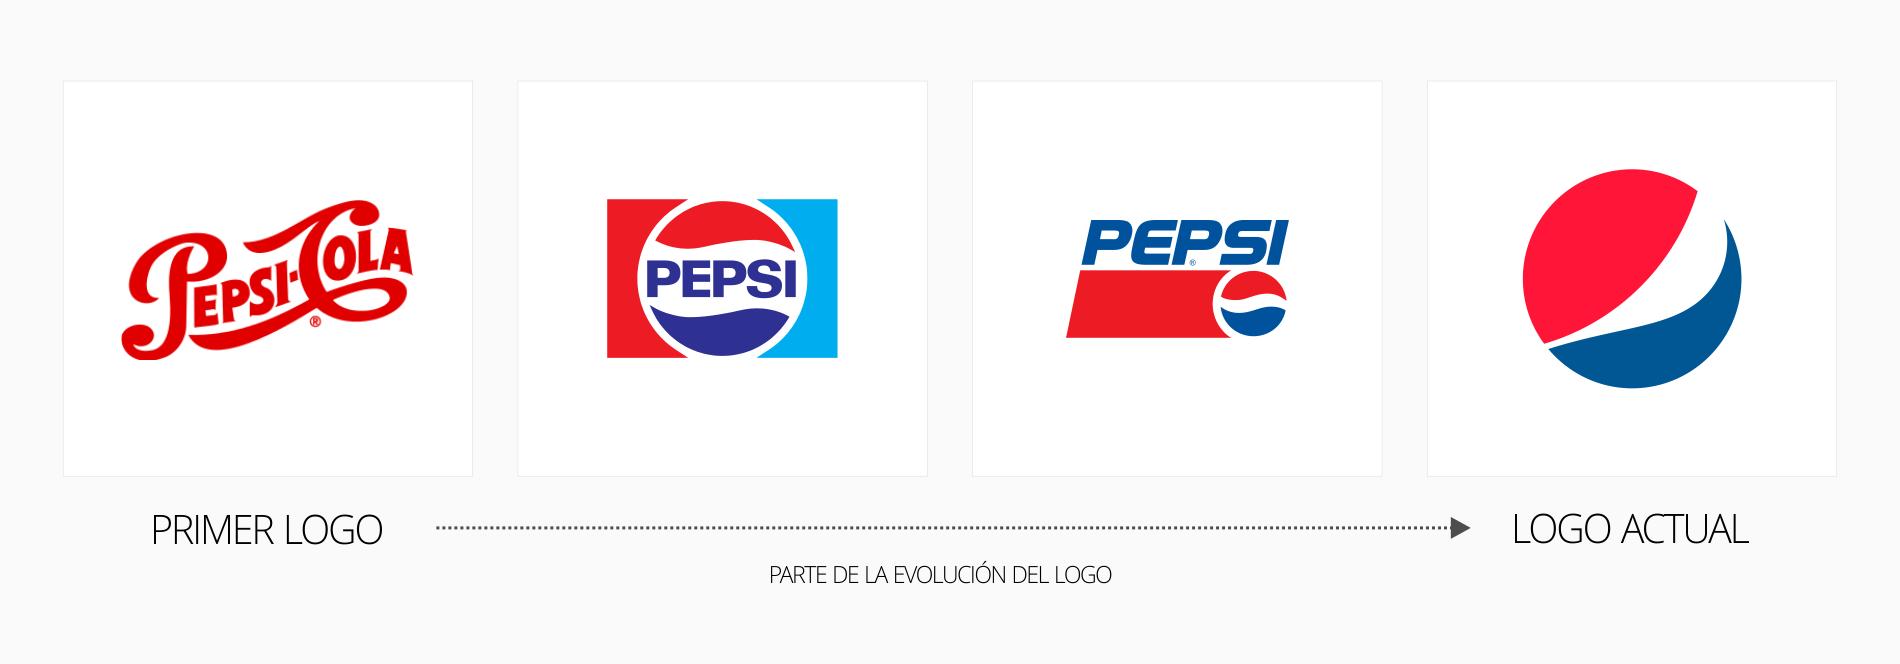 tener un logotipo